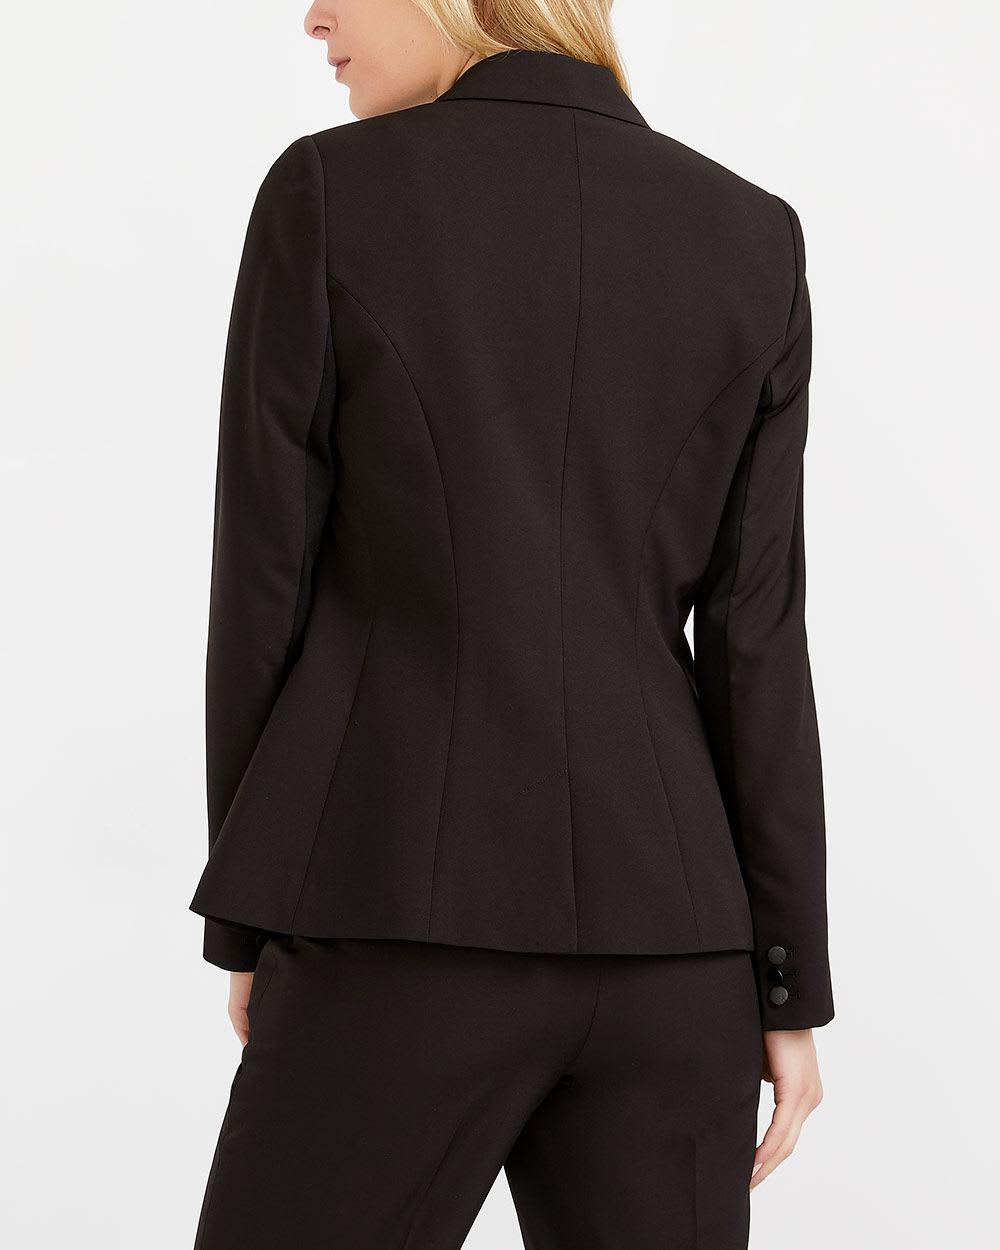 Veston à poches Willow & Thread